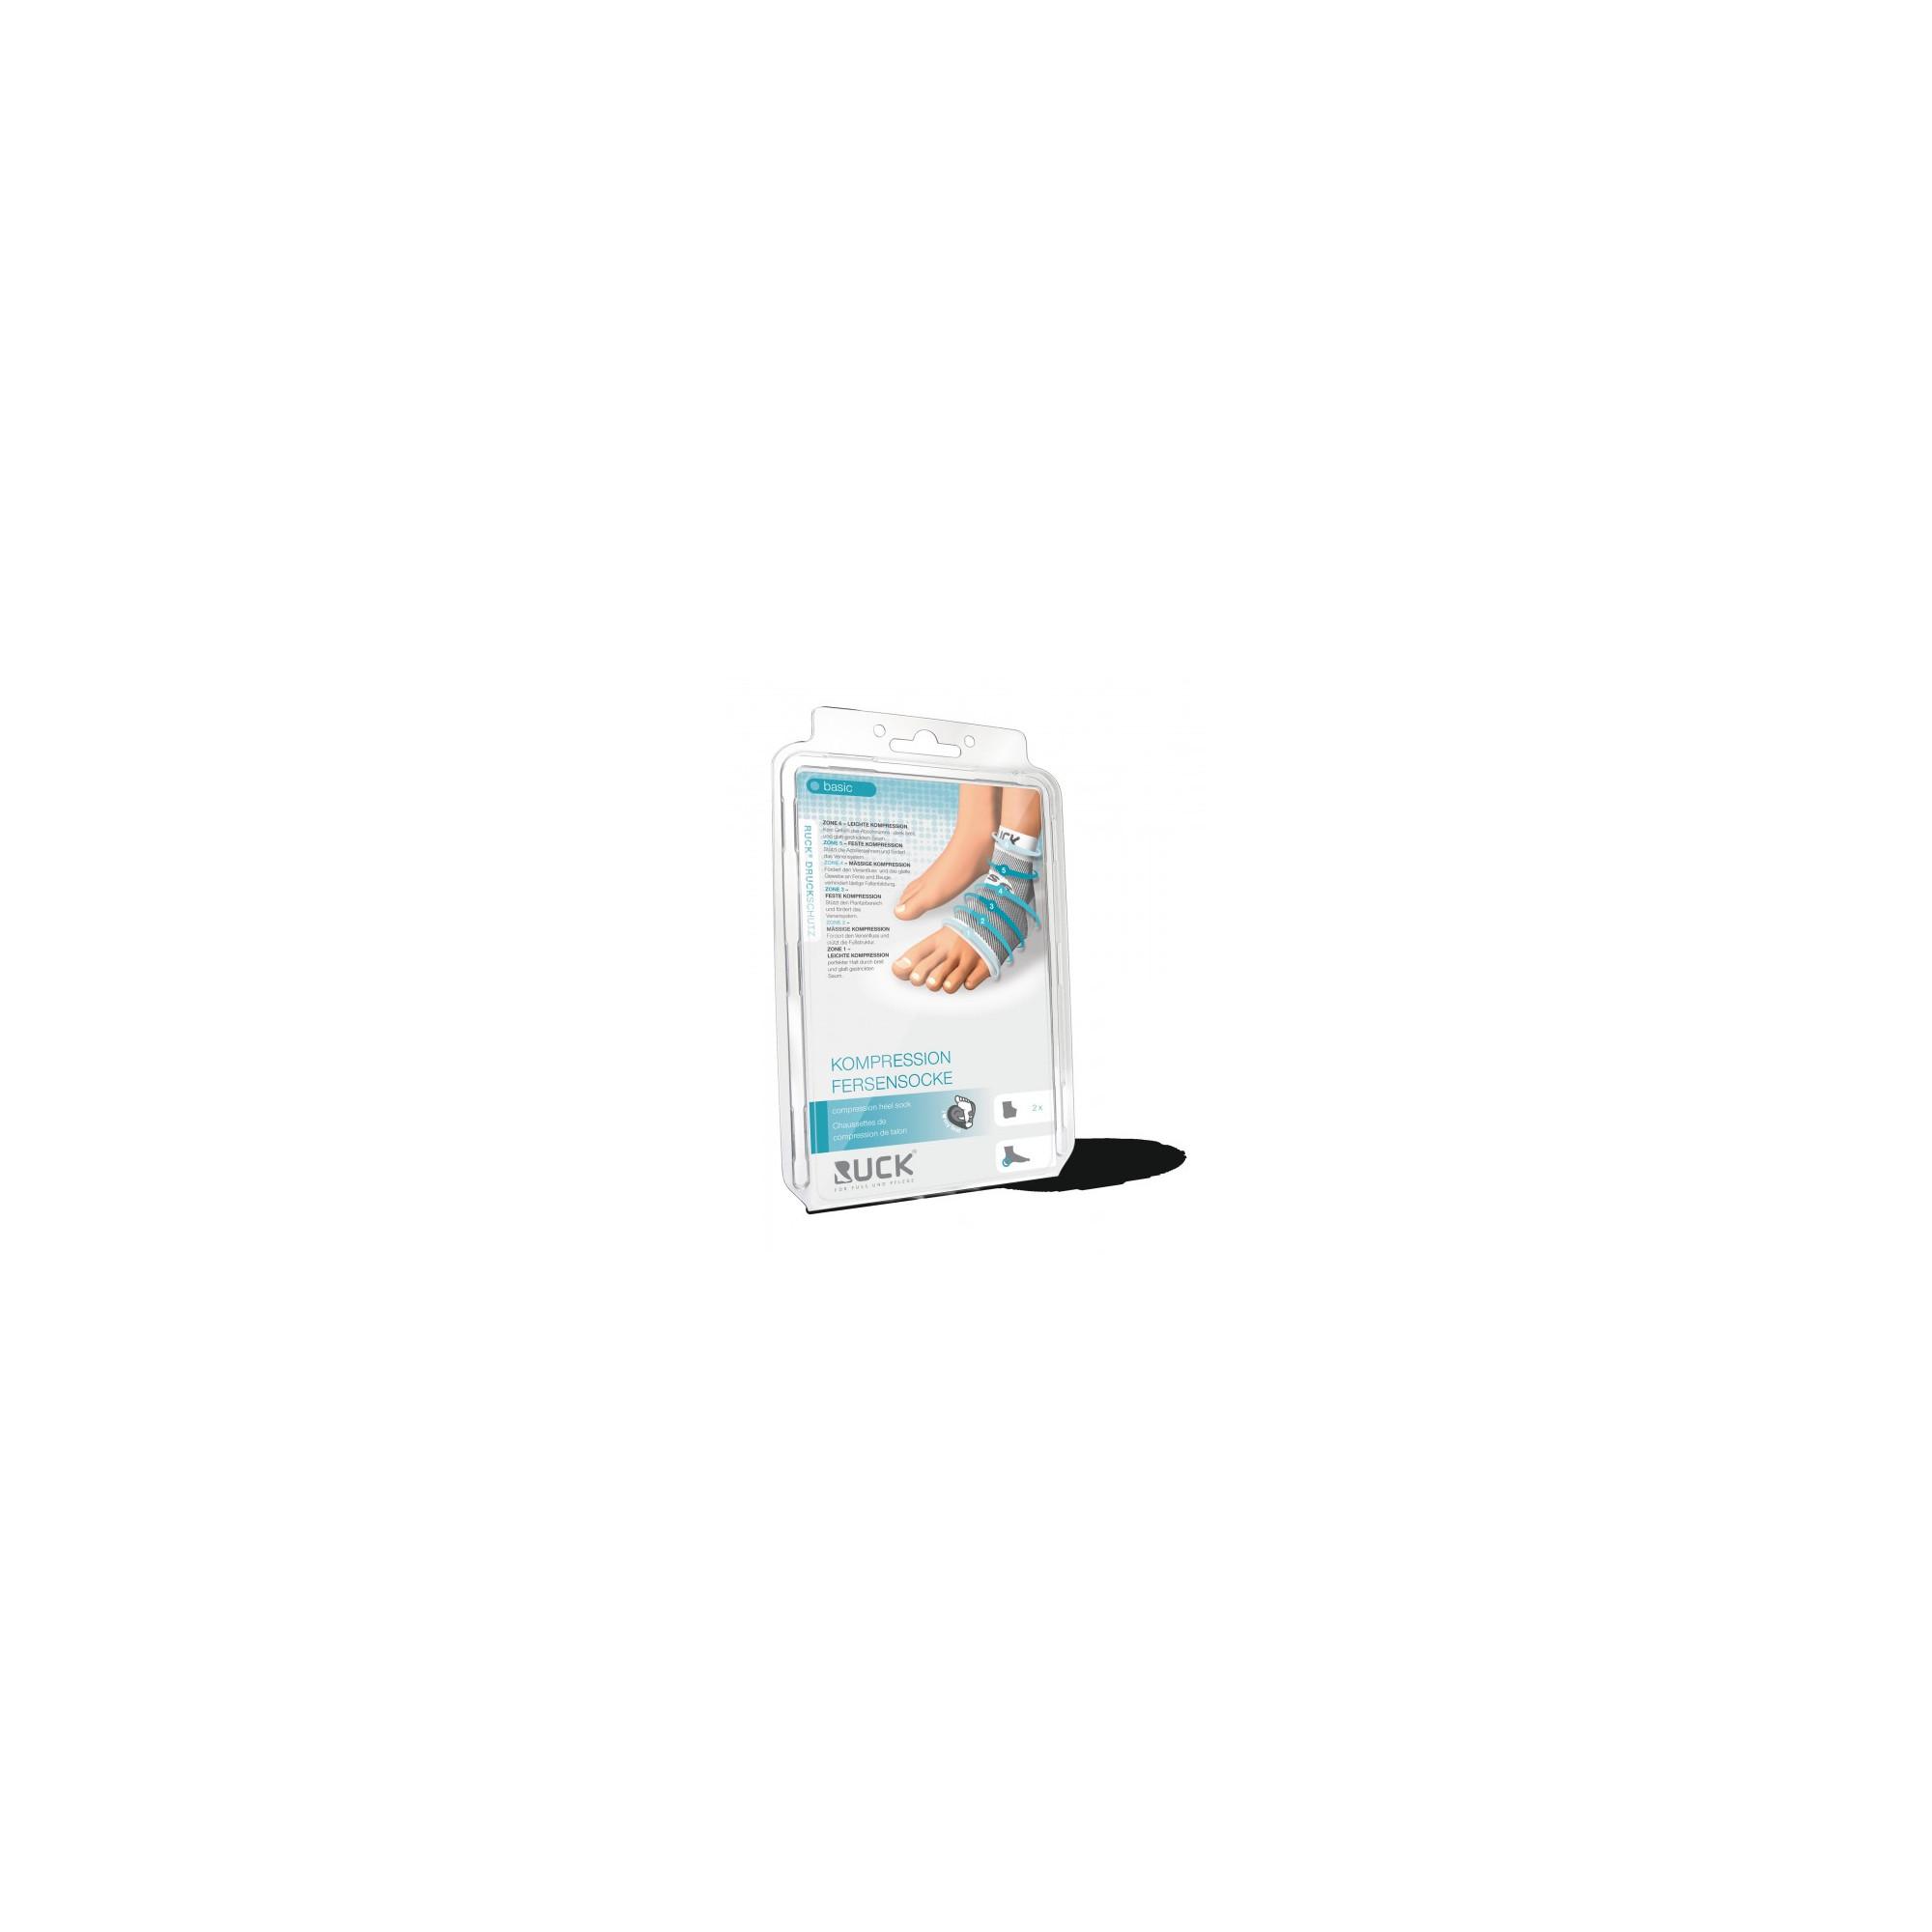 Chaussette de contention - Protection talon cheville - 4 tailles disponibles - Ruck